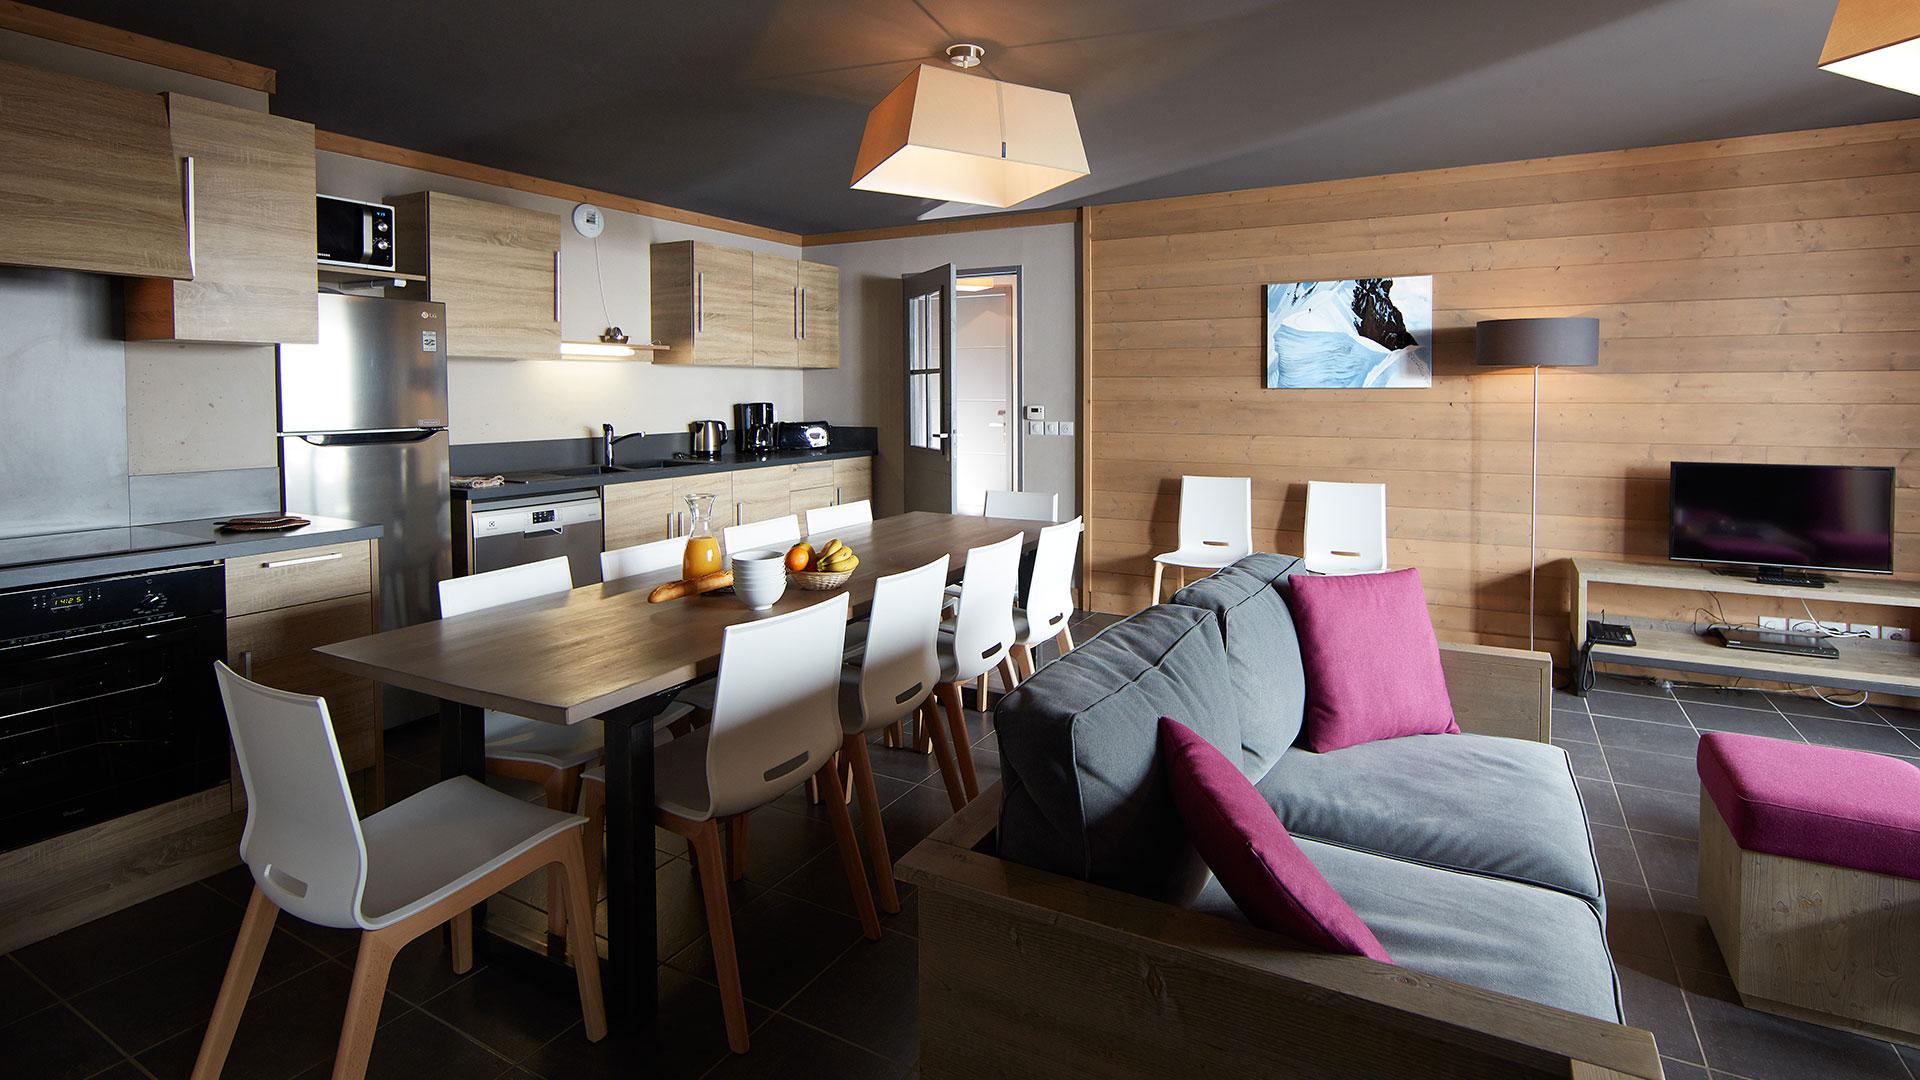 Appartement, Les Chalets du Soleil - CGH Résidences